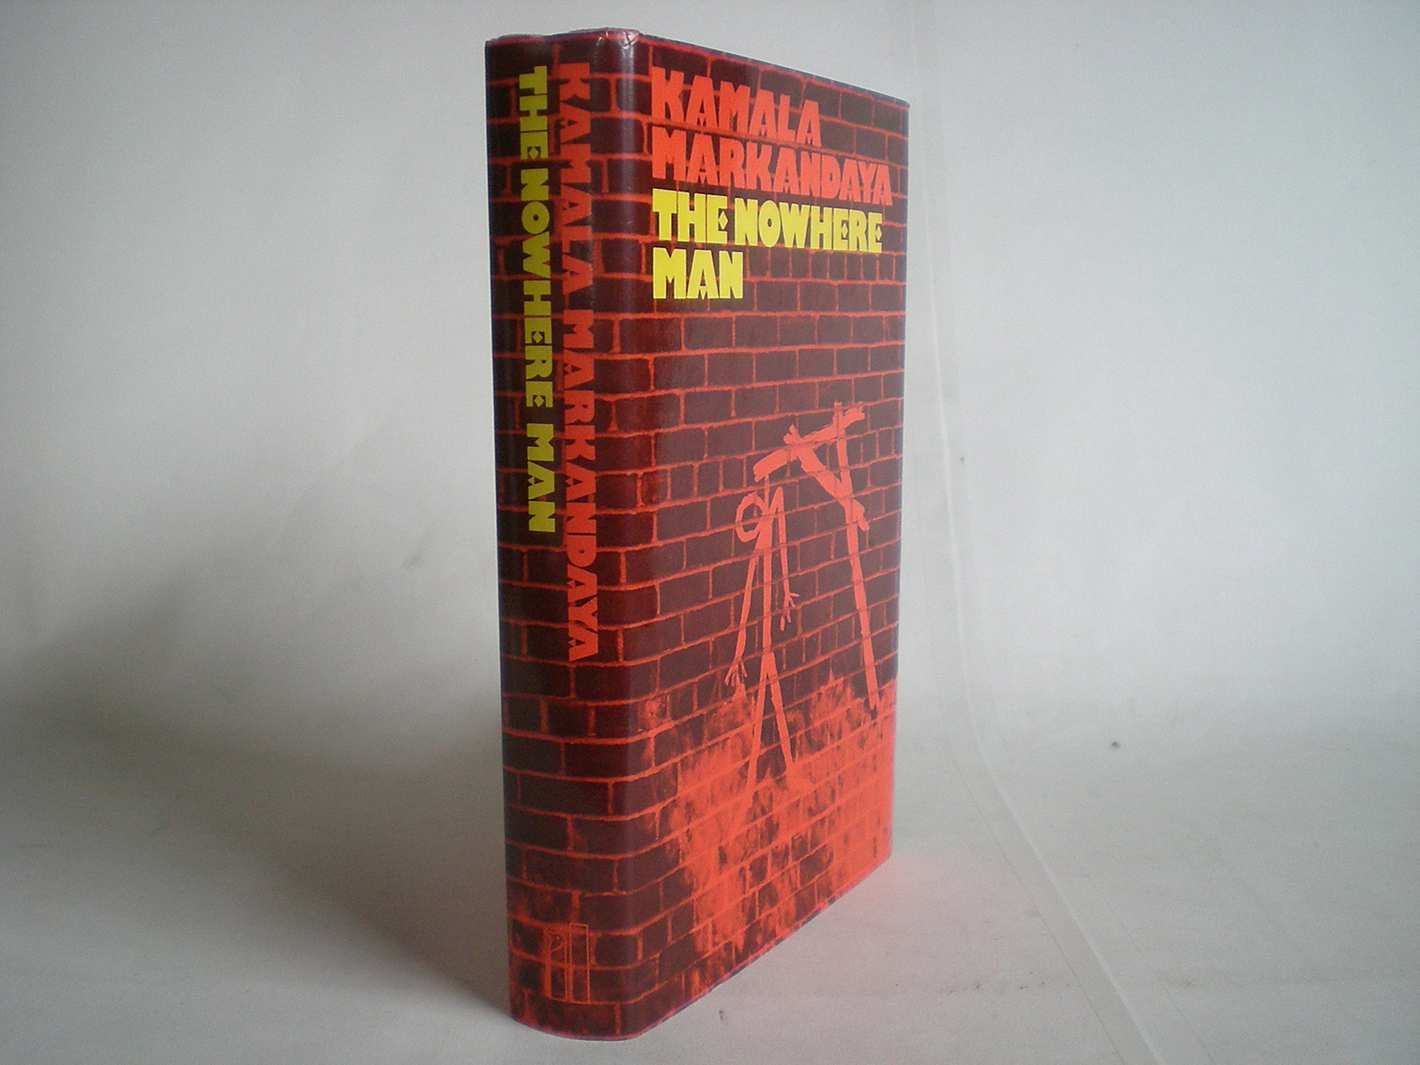 'Nowhere Man' by Kamala Markandaya (First Edition)